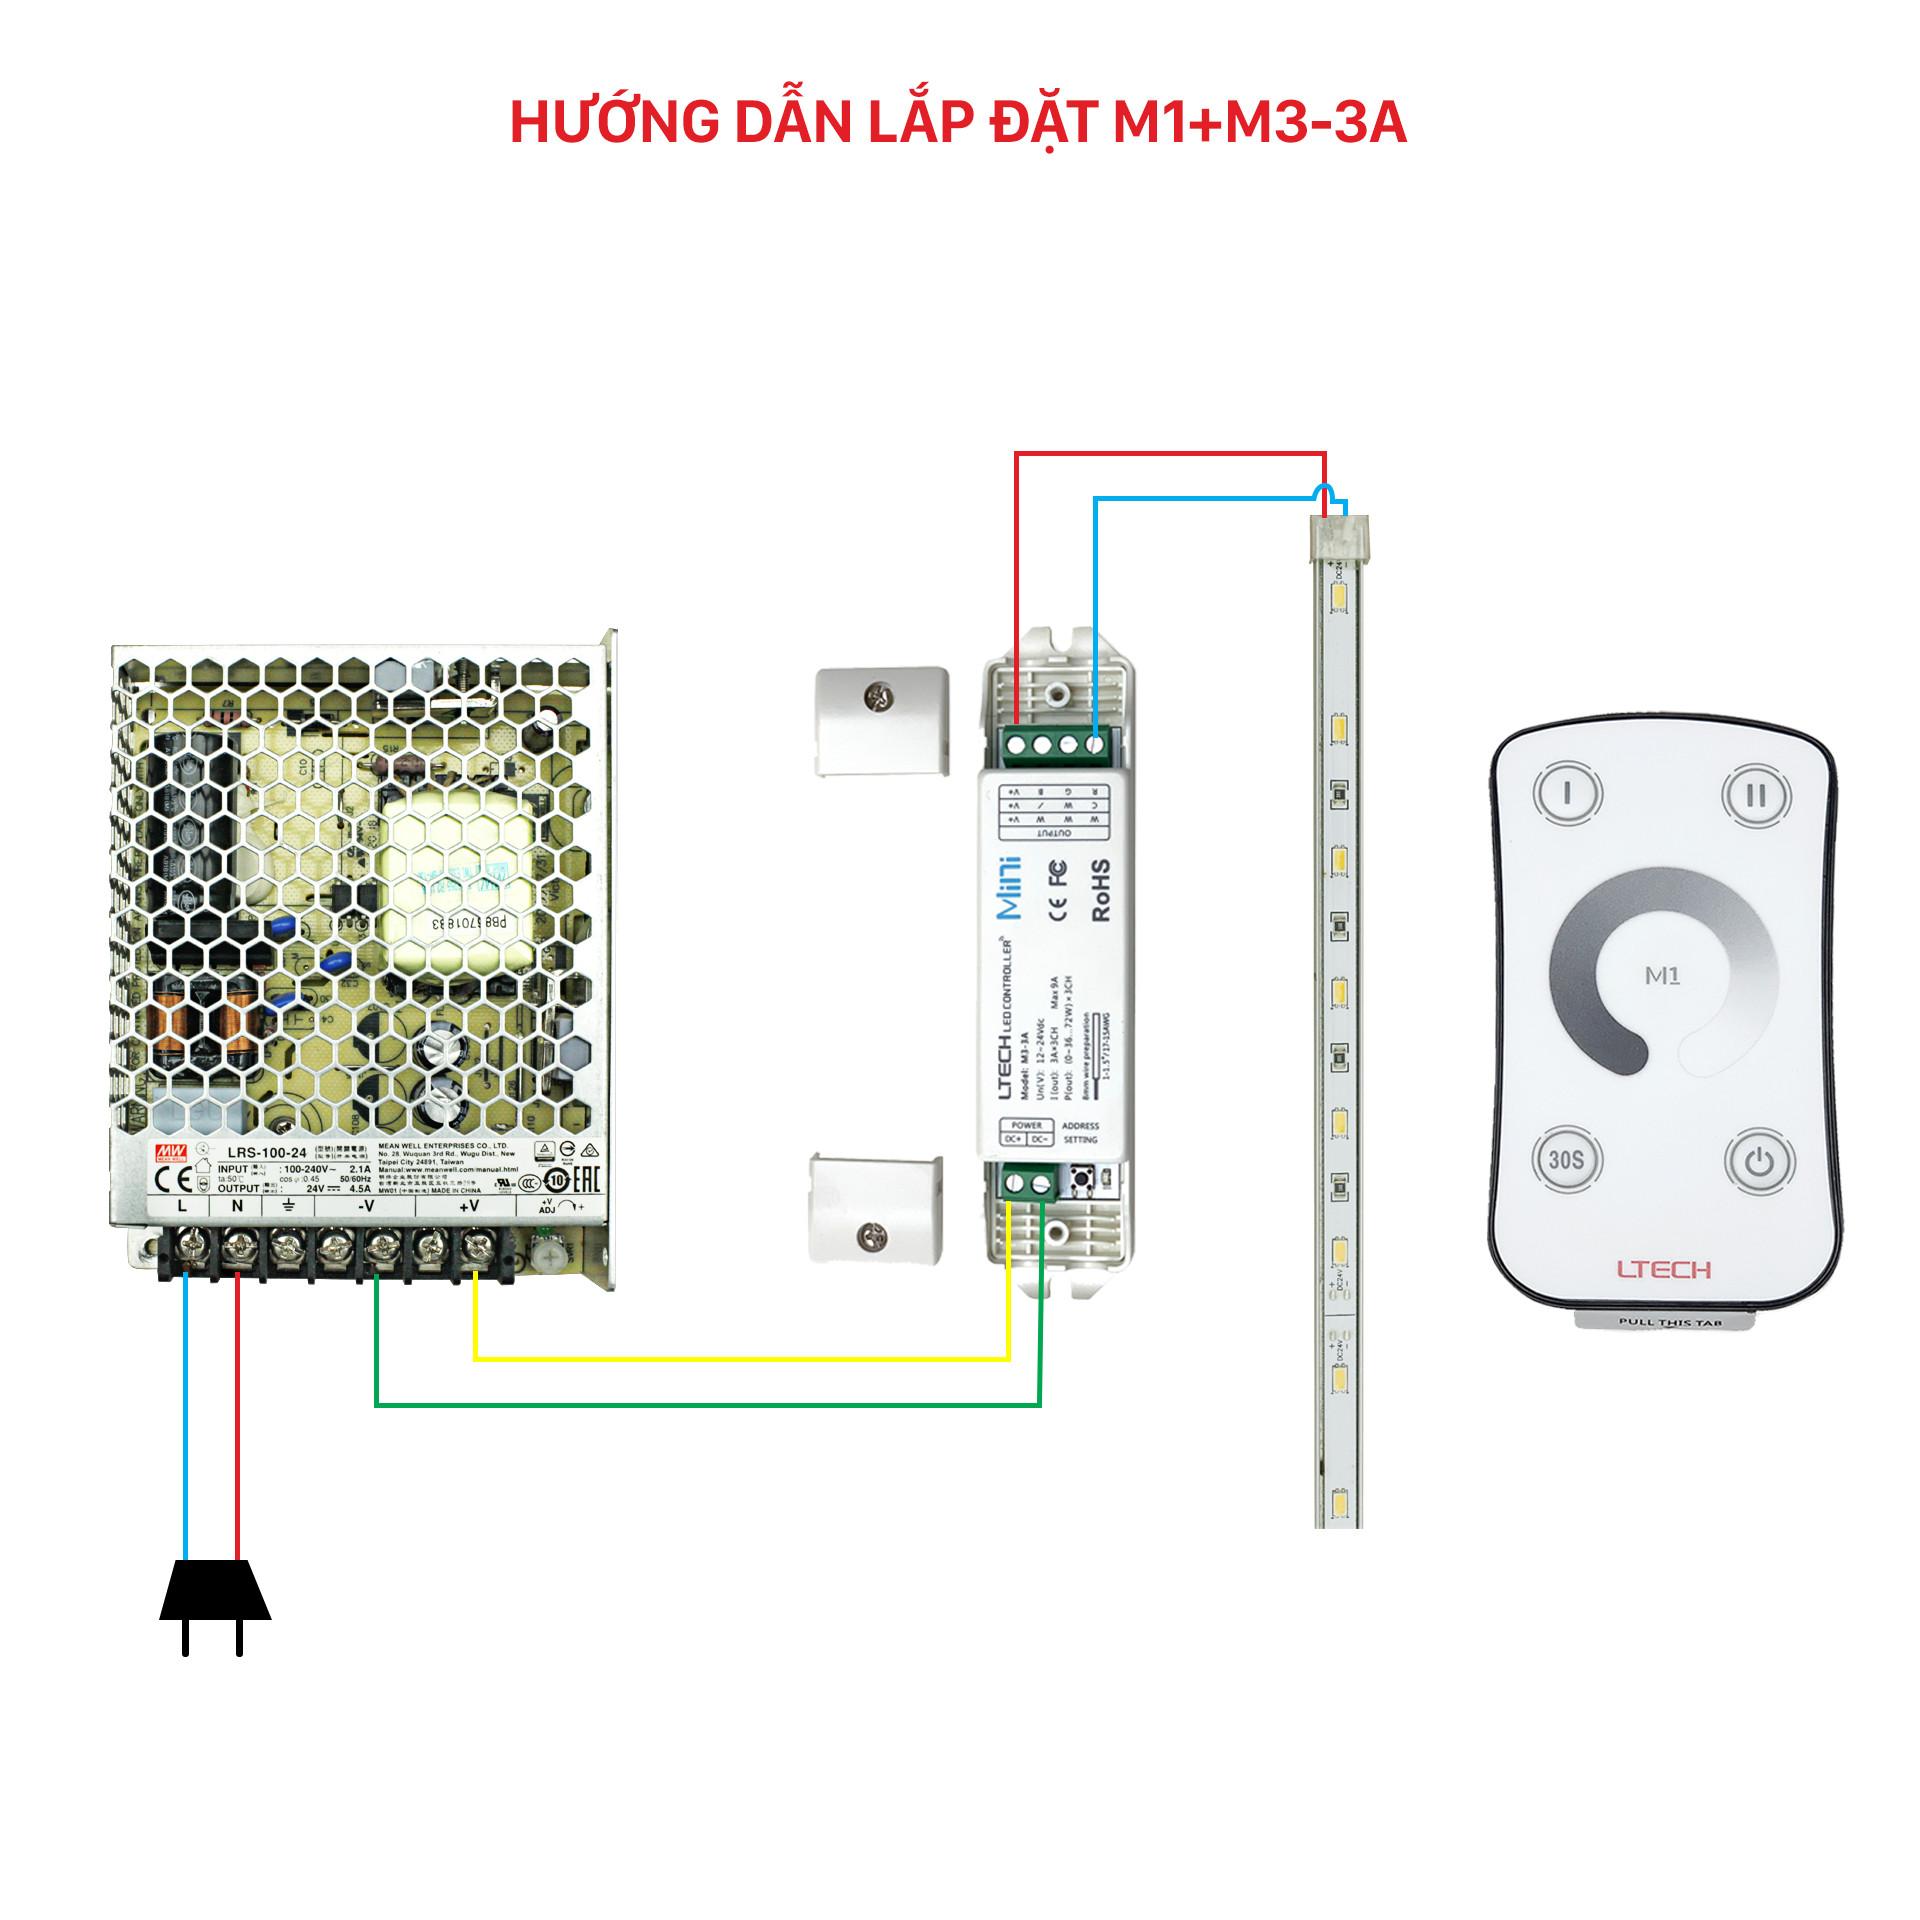 Bộ Điều Khiển Đèn Led Ltech M1+M3-3A Tăng Giảm Cường Độ Ánh Sáng, LED Dimmer Controller - Hàng Nhập Khẩu